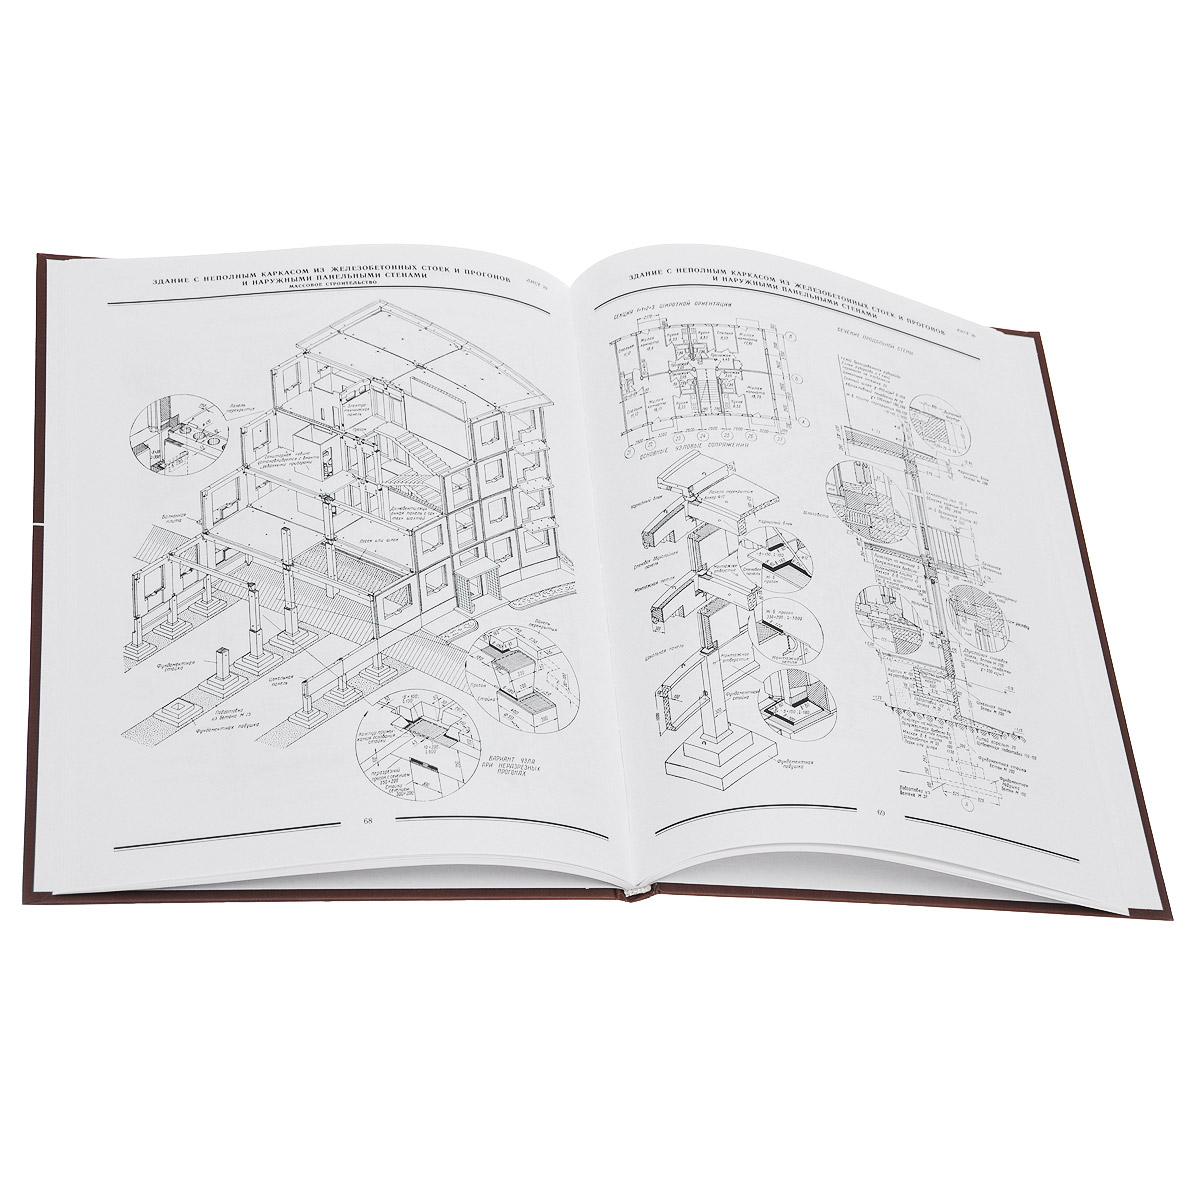 Жилые здания. Конструктивные системы и элементы для индустриального строительства. Учебное пособие